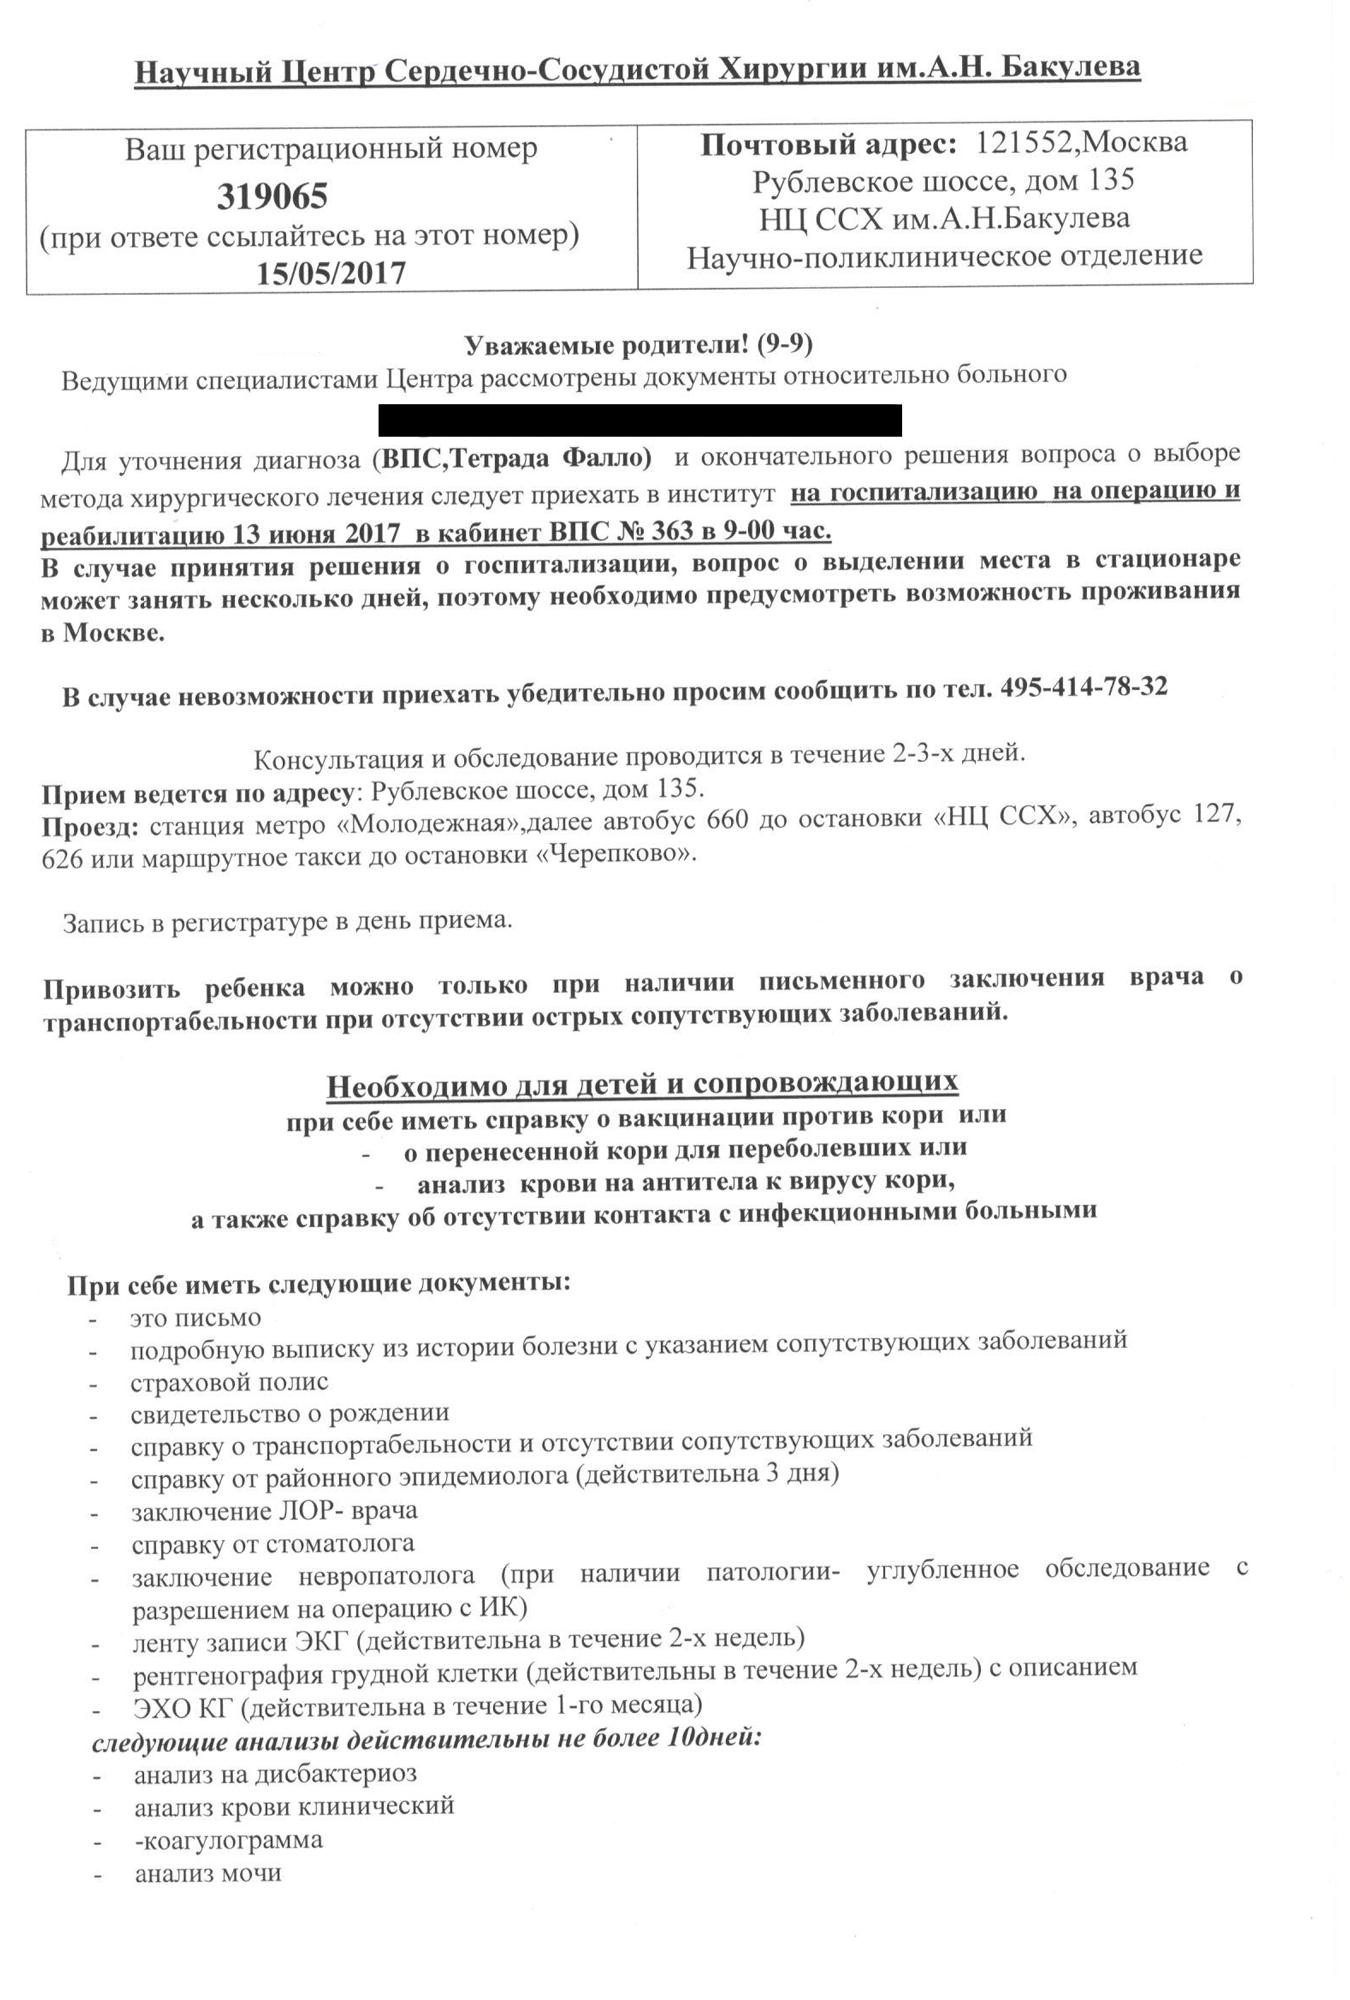 Эндопротезирование суставов в Москве. Квоты на замену суставов